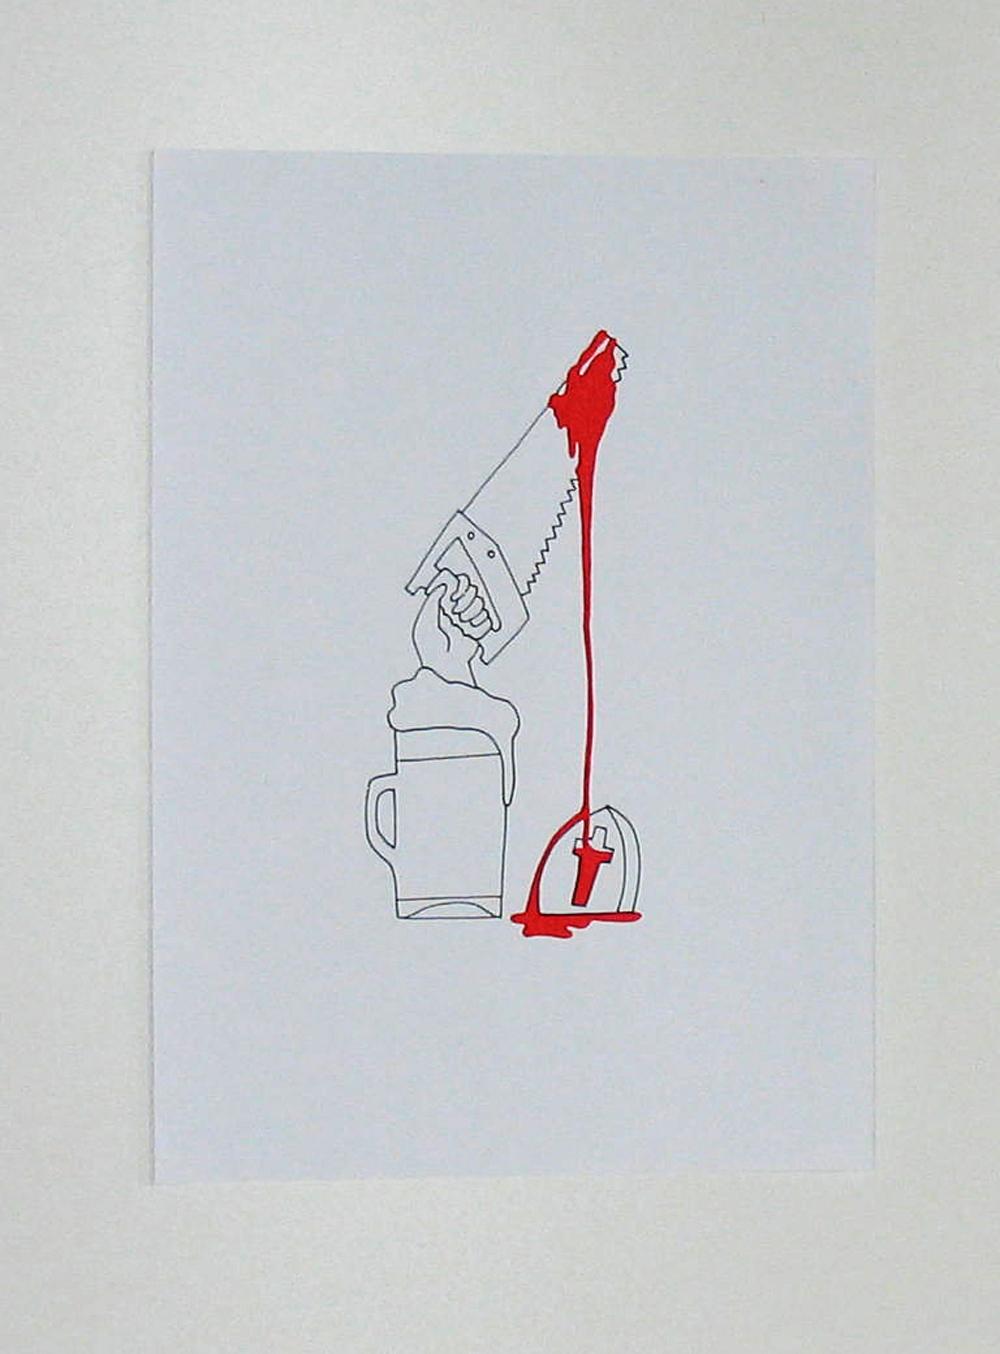 10.ketchup.jpg